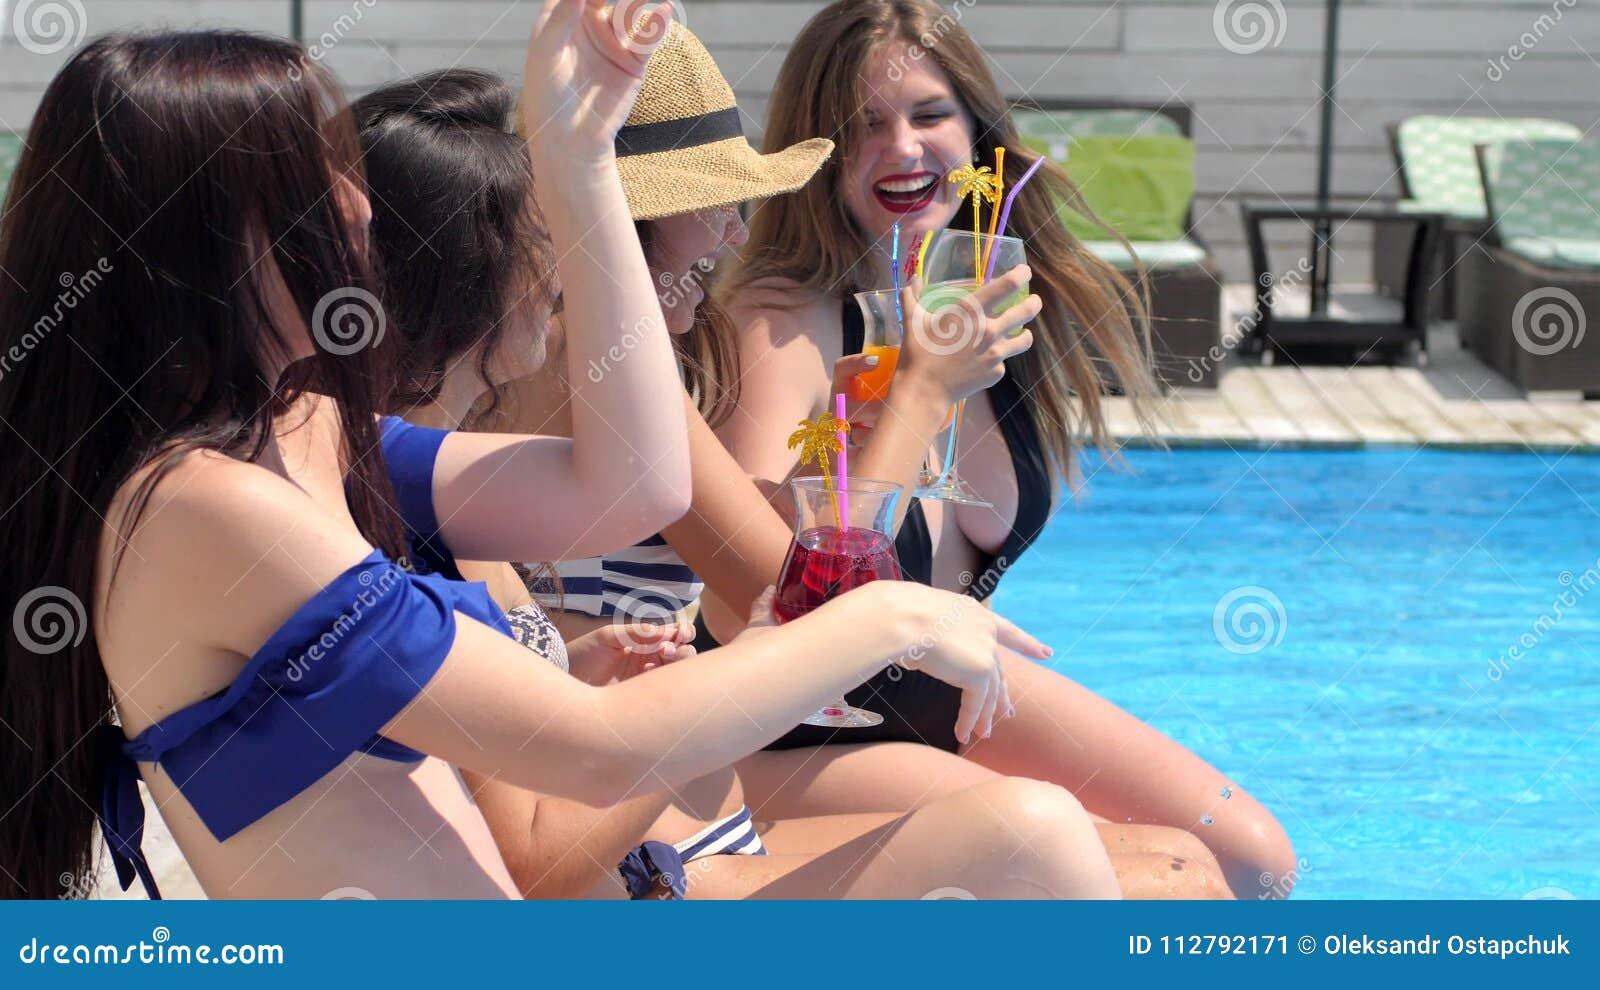 Hot girl feet bikini think, that you